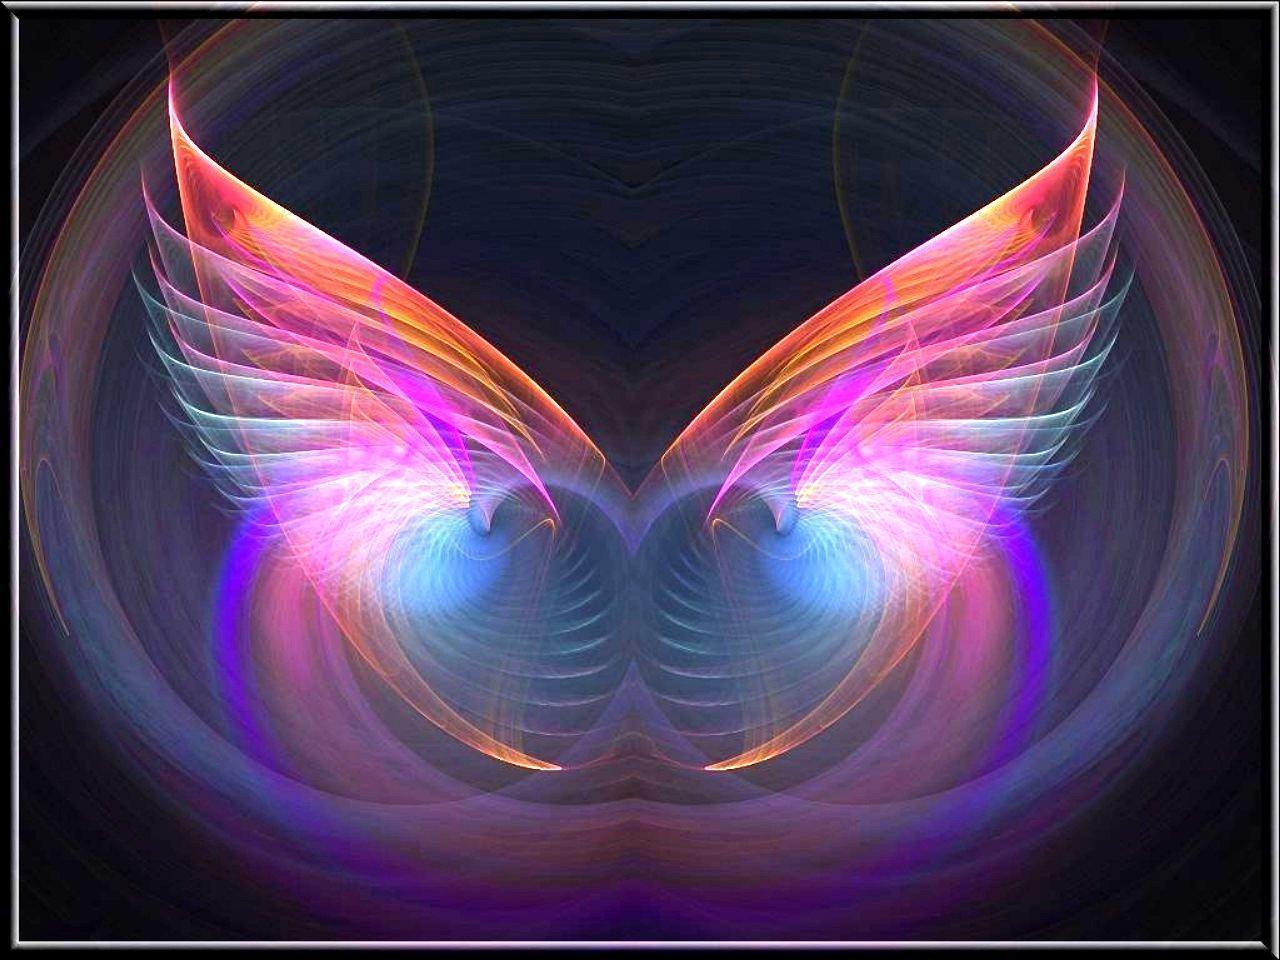 angel devil wings wallpaper - photo #31